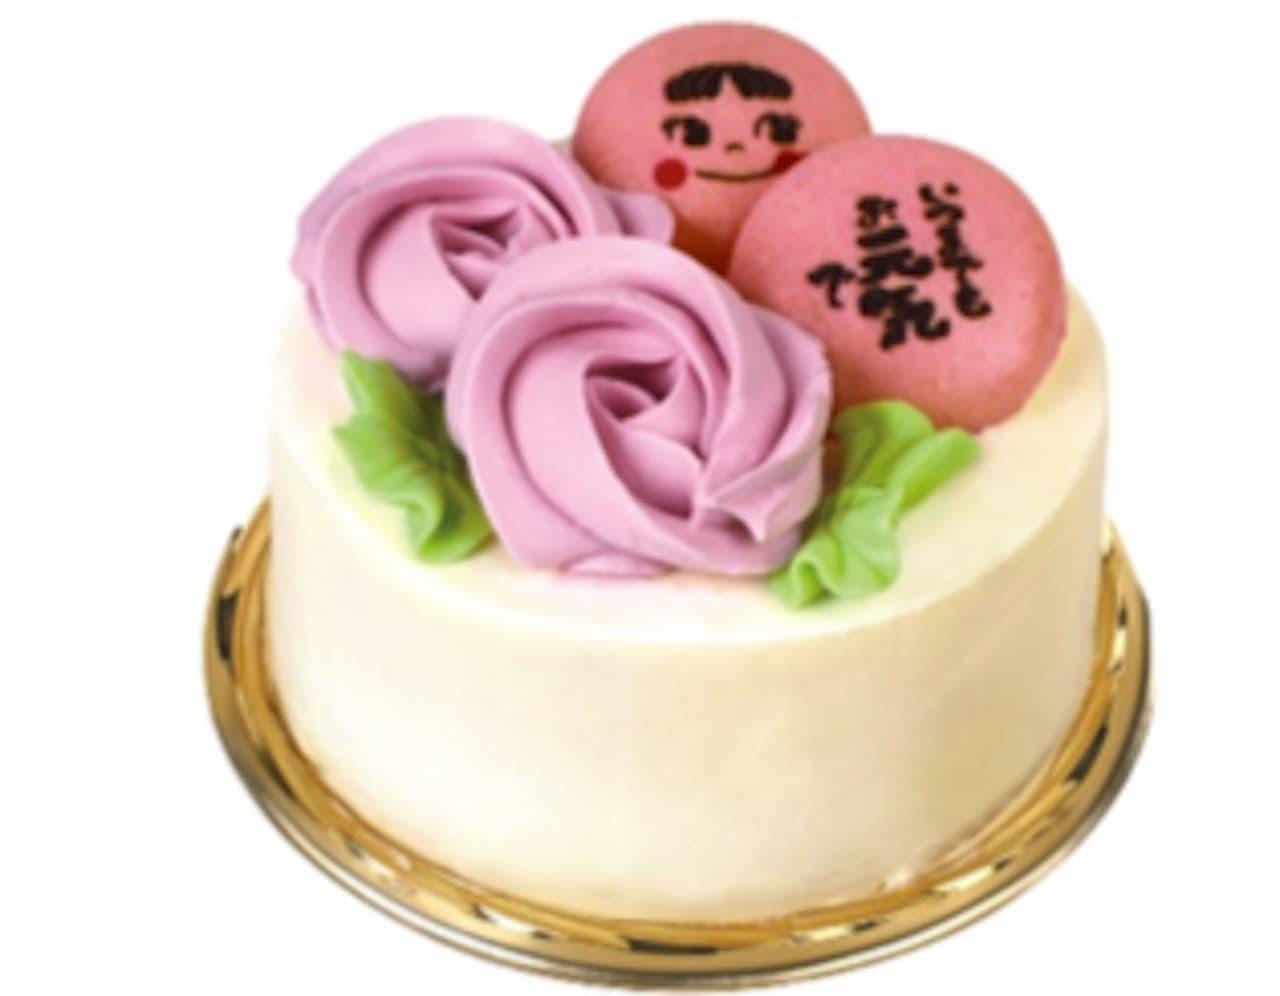 不二家「ペコちゃんミルキーバターケーキ」